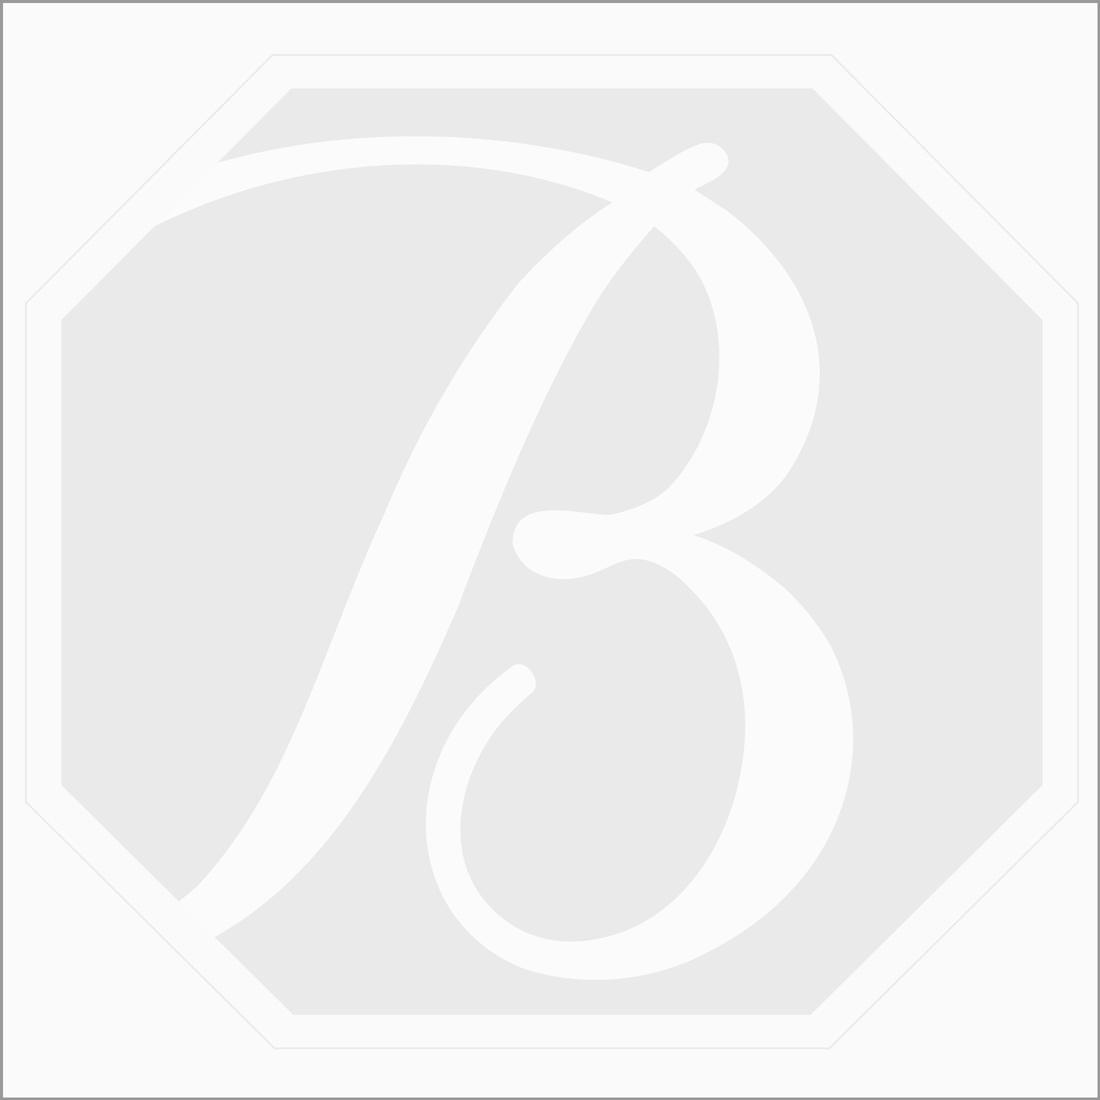 4 Pcs - 11.79 ct. - Blue Tourmaline Rose Cut -9.1 x 8.9 x 1.8 mm to 17.6 x 10.6 x 2.5 mm (TRC1124)